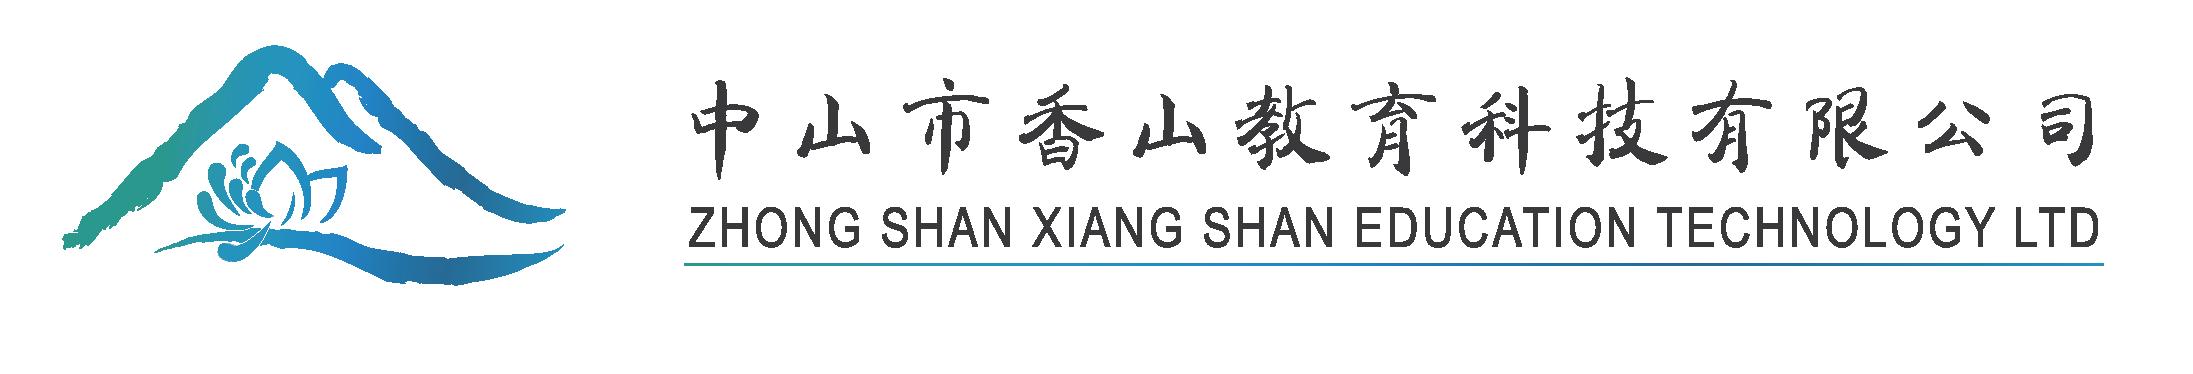 中山市香山教育科技有限公司 _才通国际人才网_job001.cn